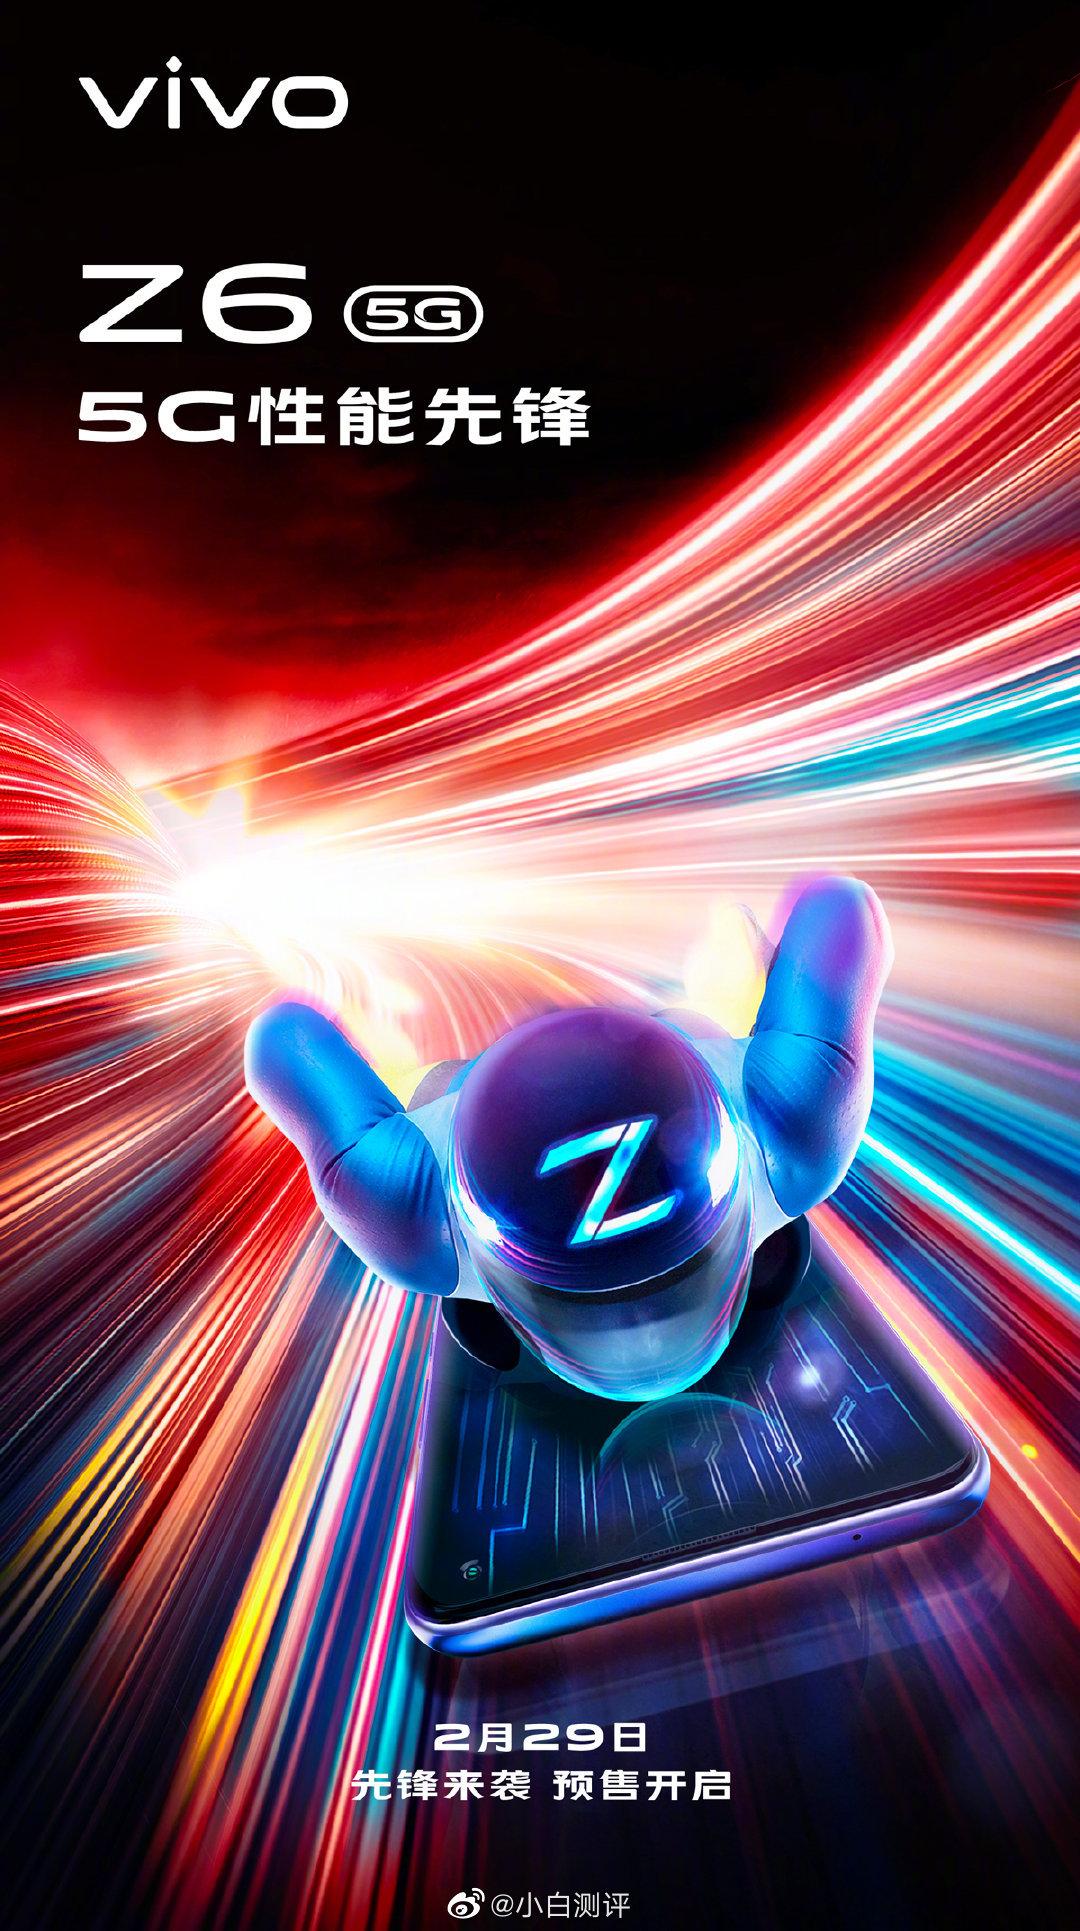 Vivo Z6 5G Release